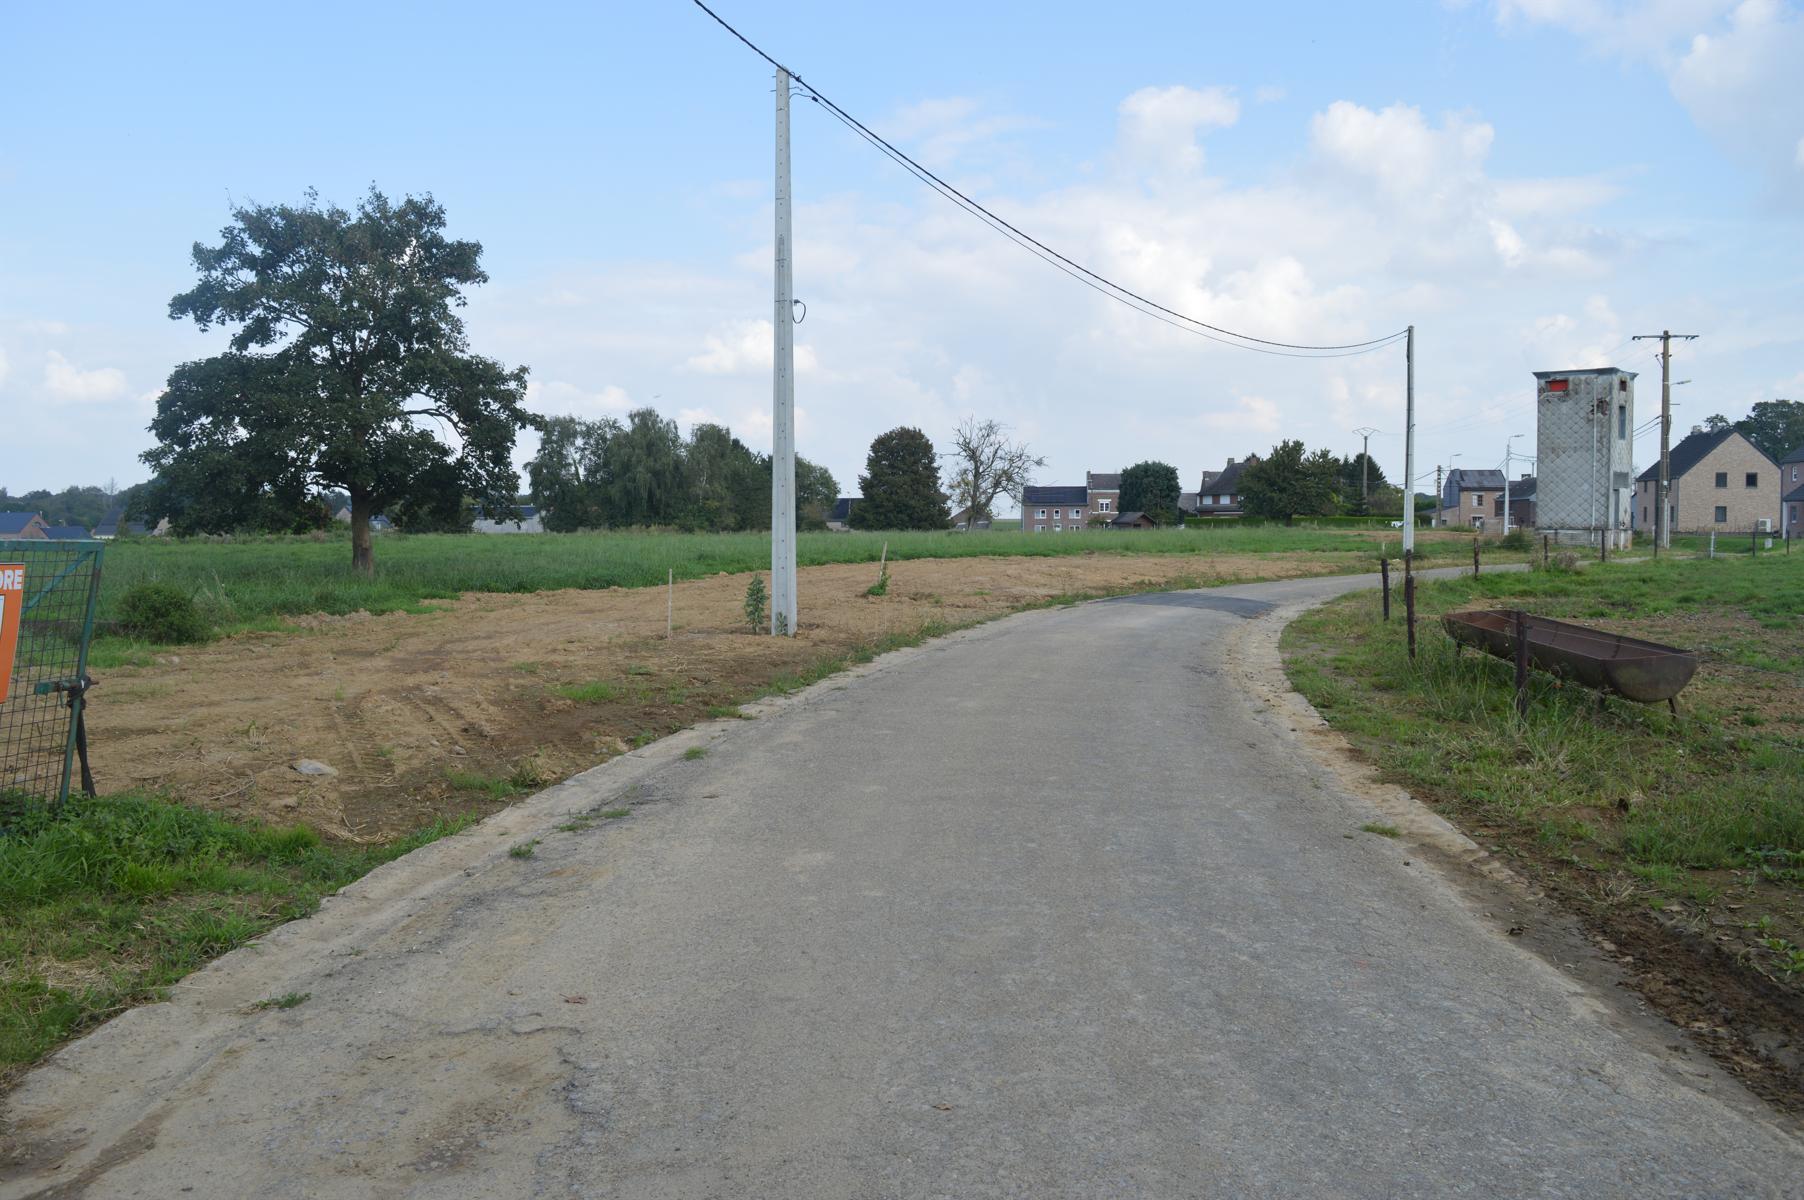 Terrain à bâtir - Villersle-Bouillet Vauxet-Borset - #4518210-1